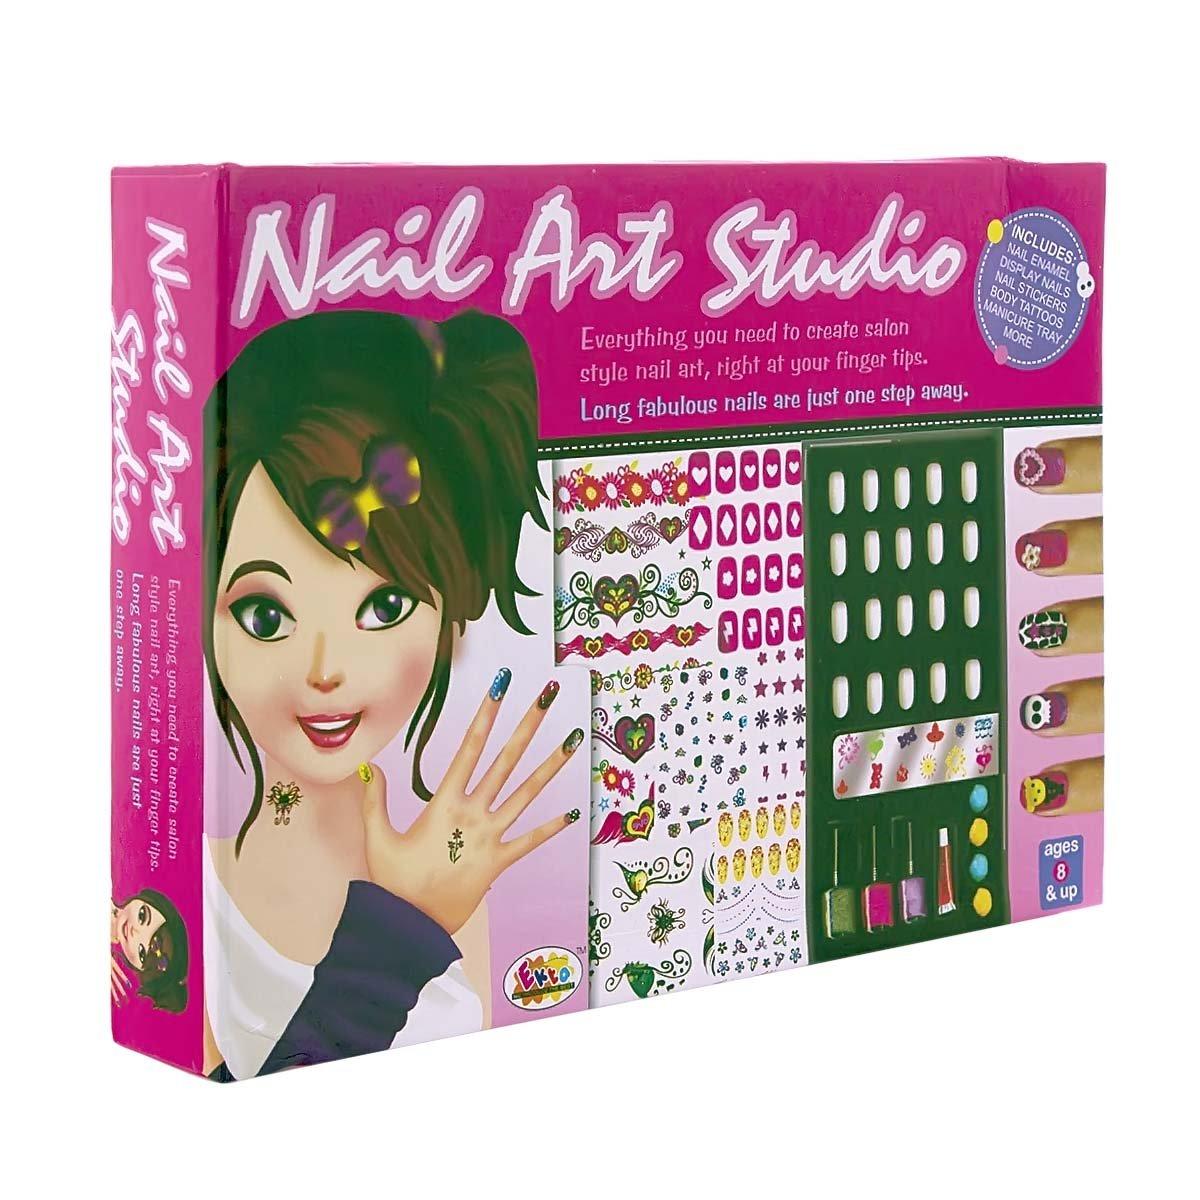 Ekta Nail Art Studio: Amazon.in: Toys & Games